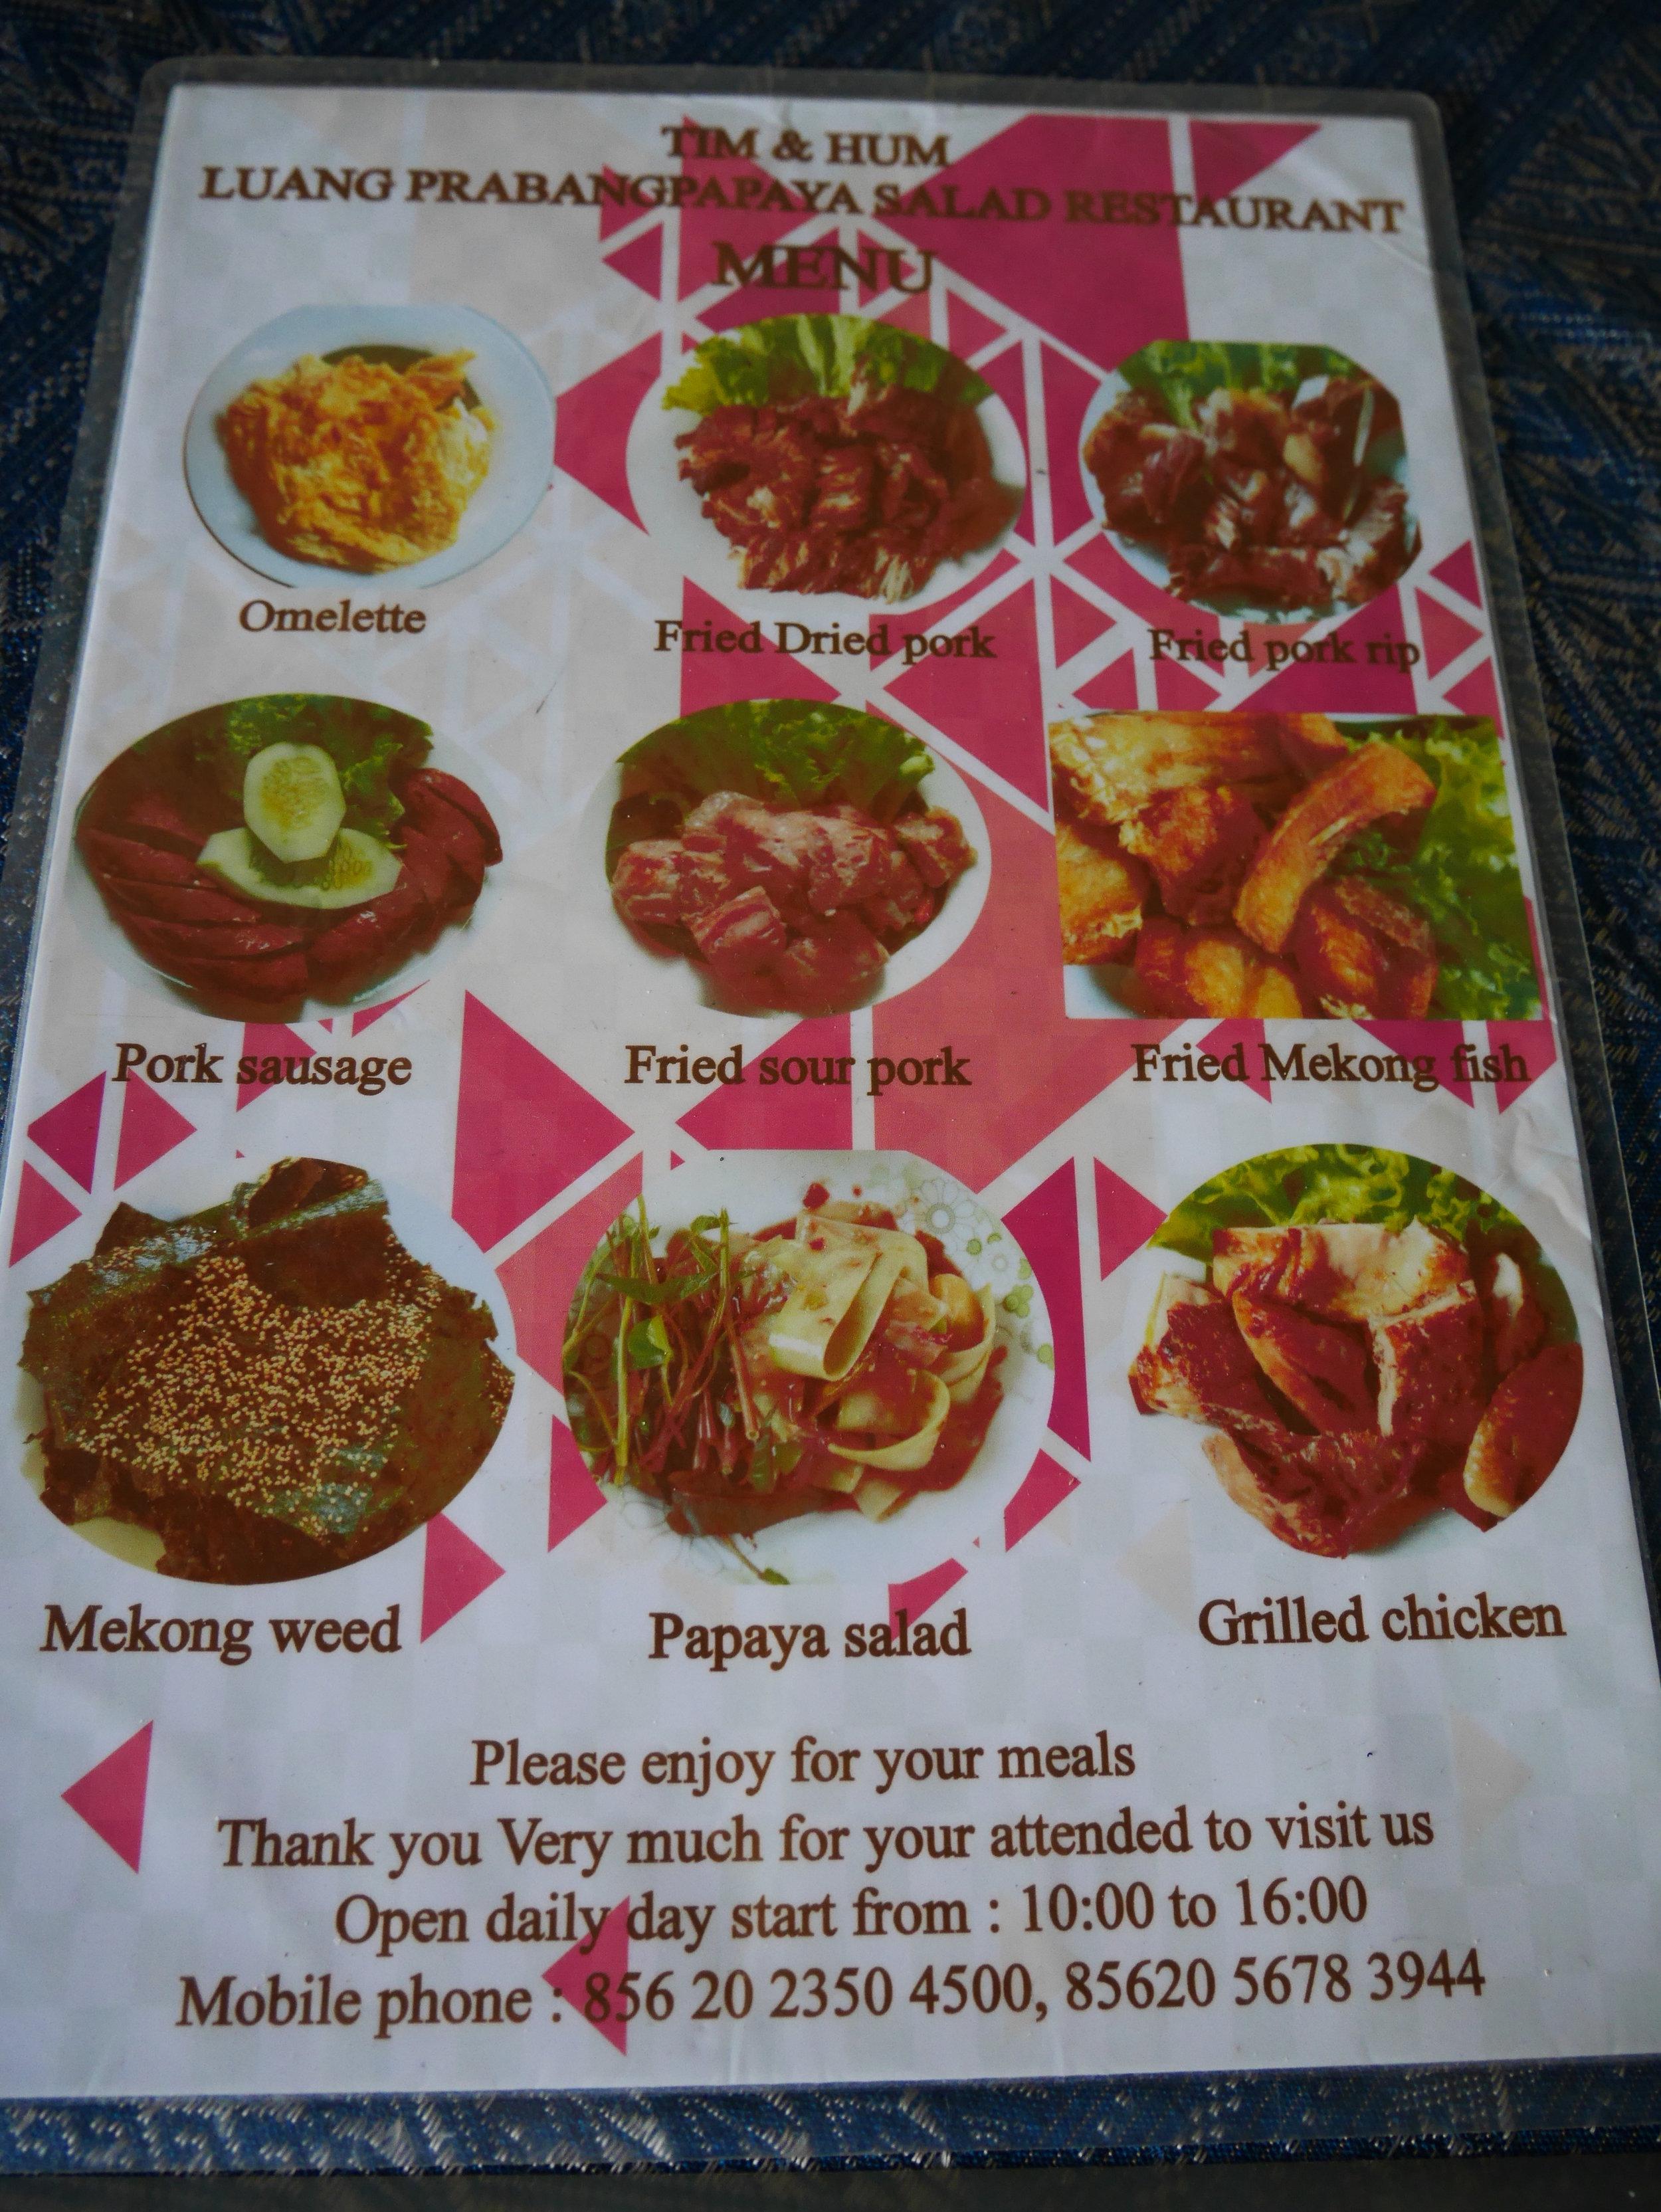 Papaya salad restaurant, Luang Prabang, Laos